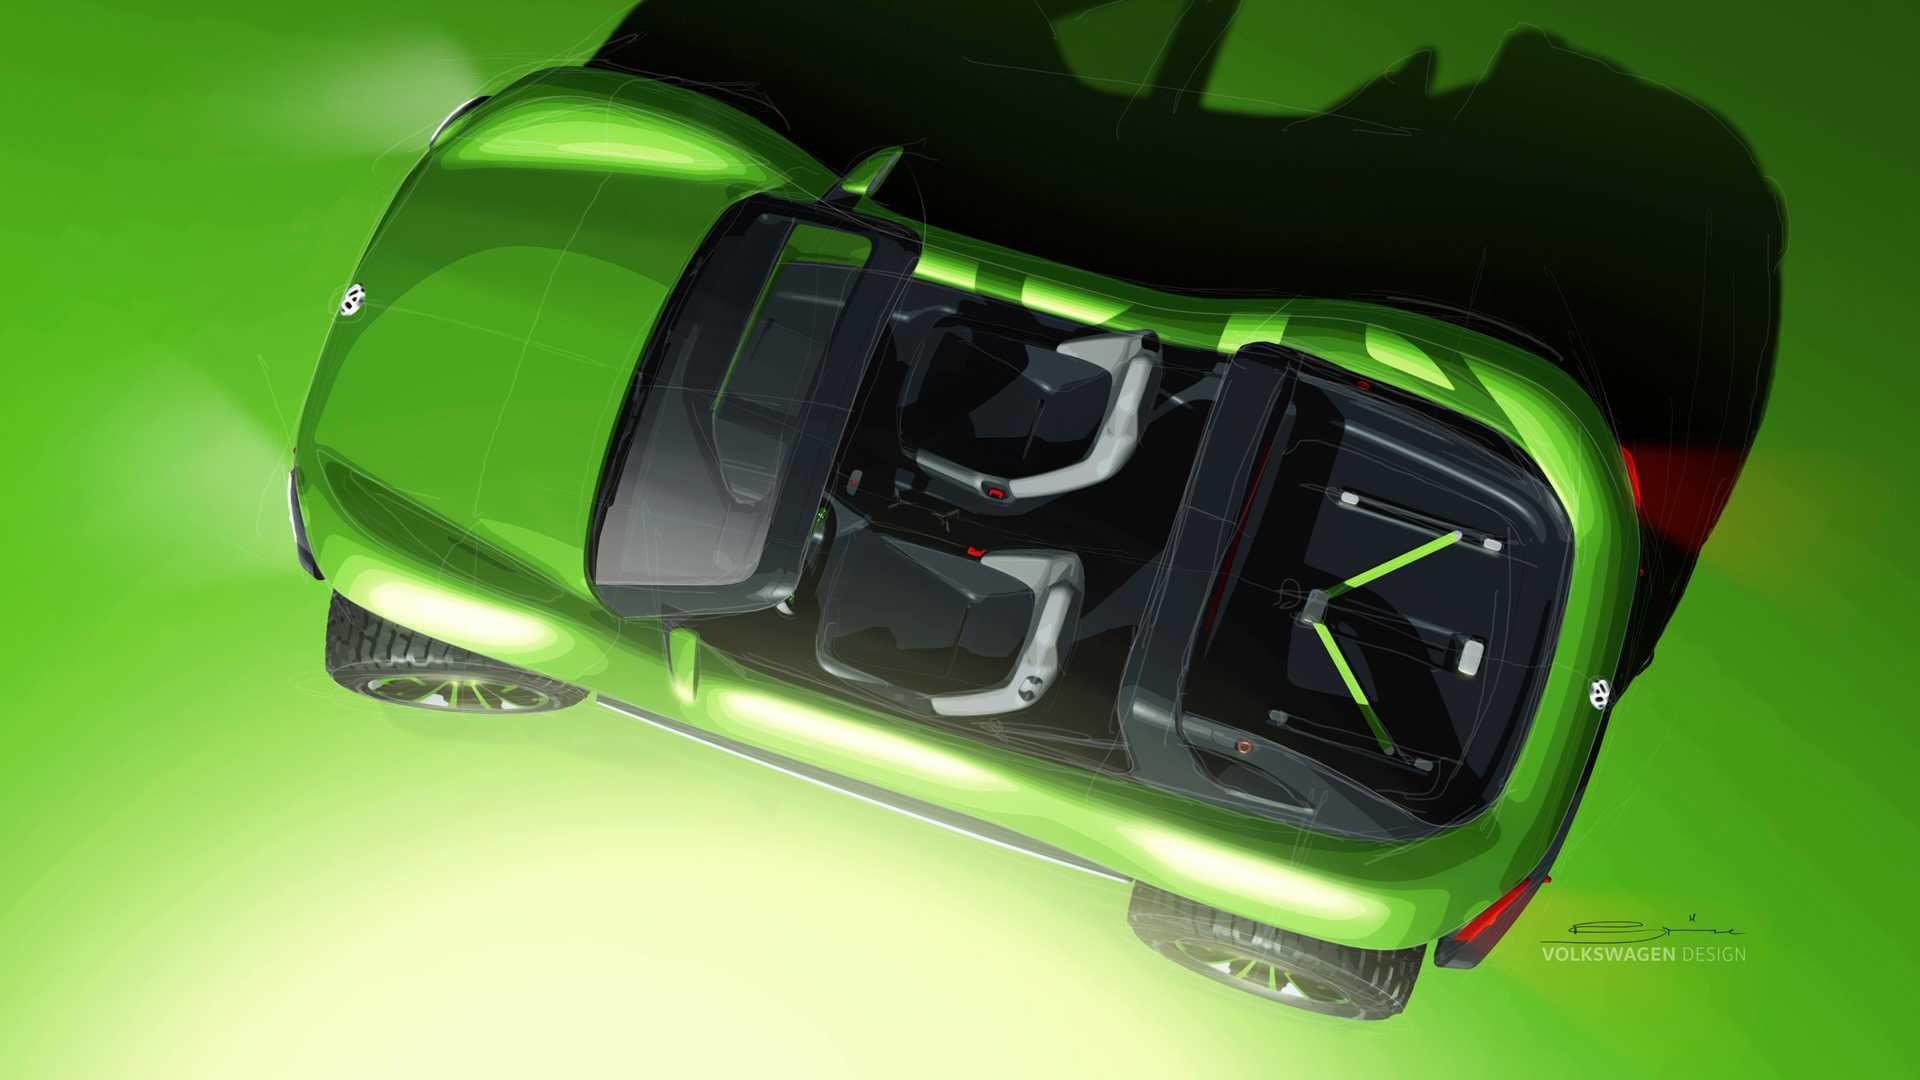 Volkswagen I.D. Buggy concept (7)